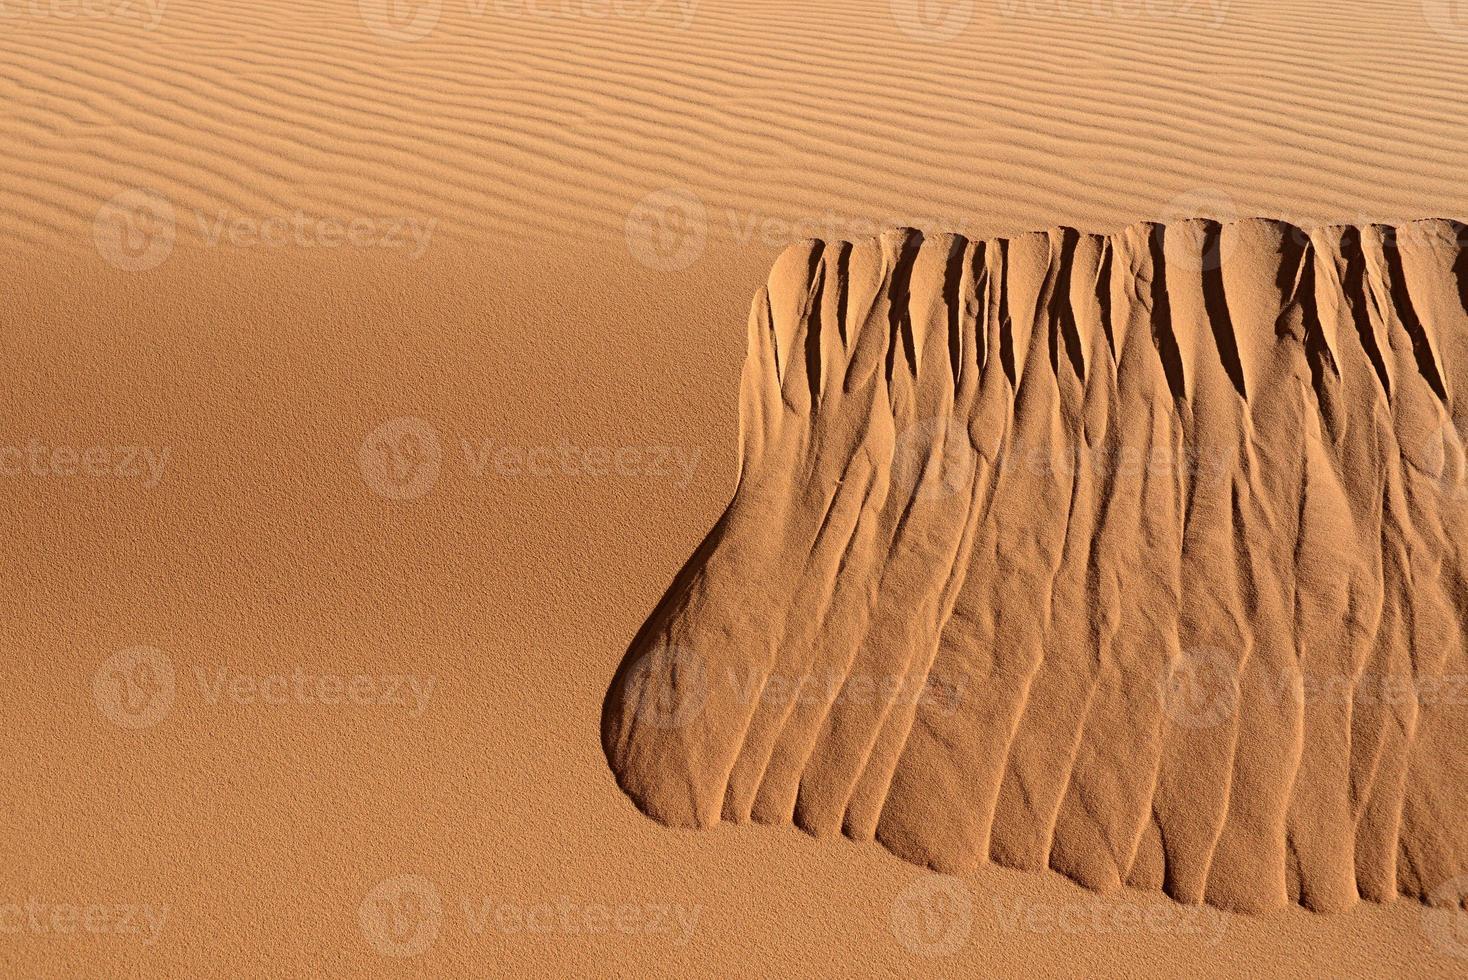 woestijn achtergrond foto